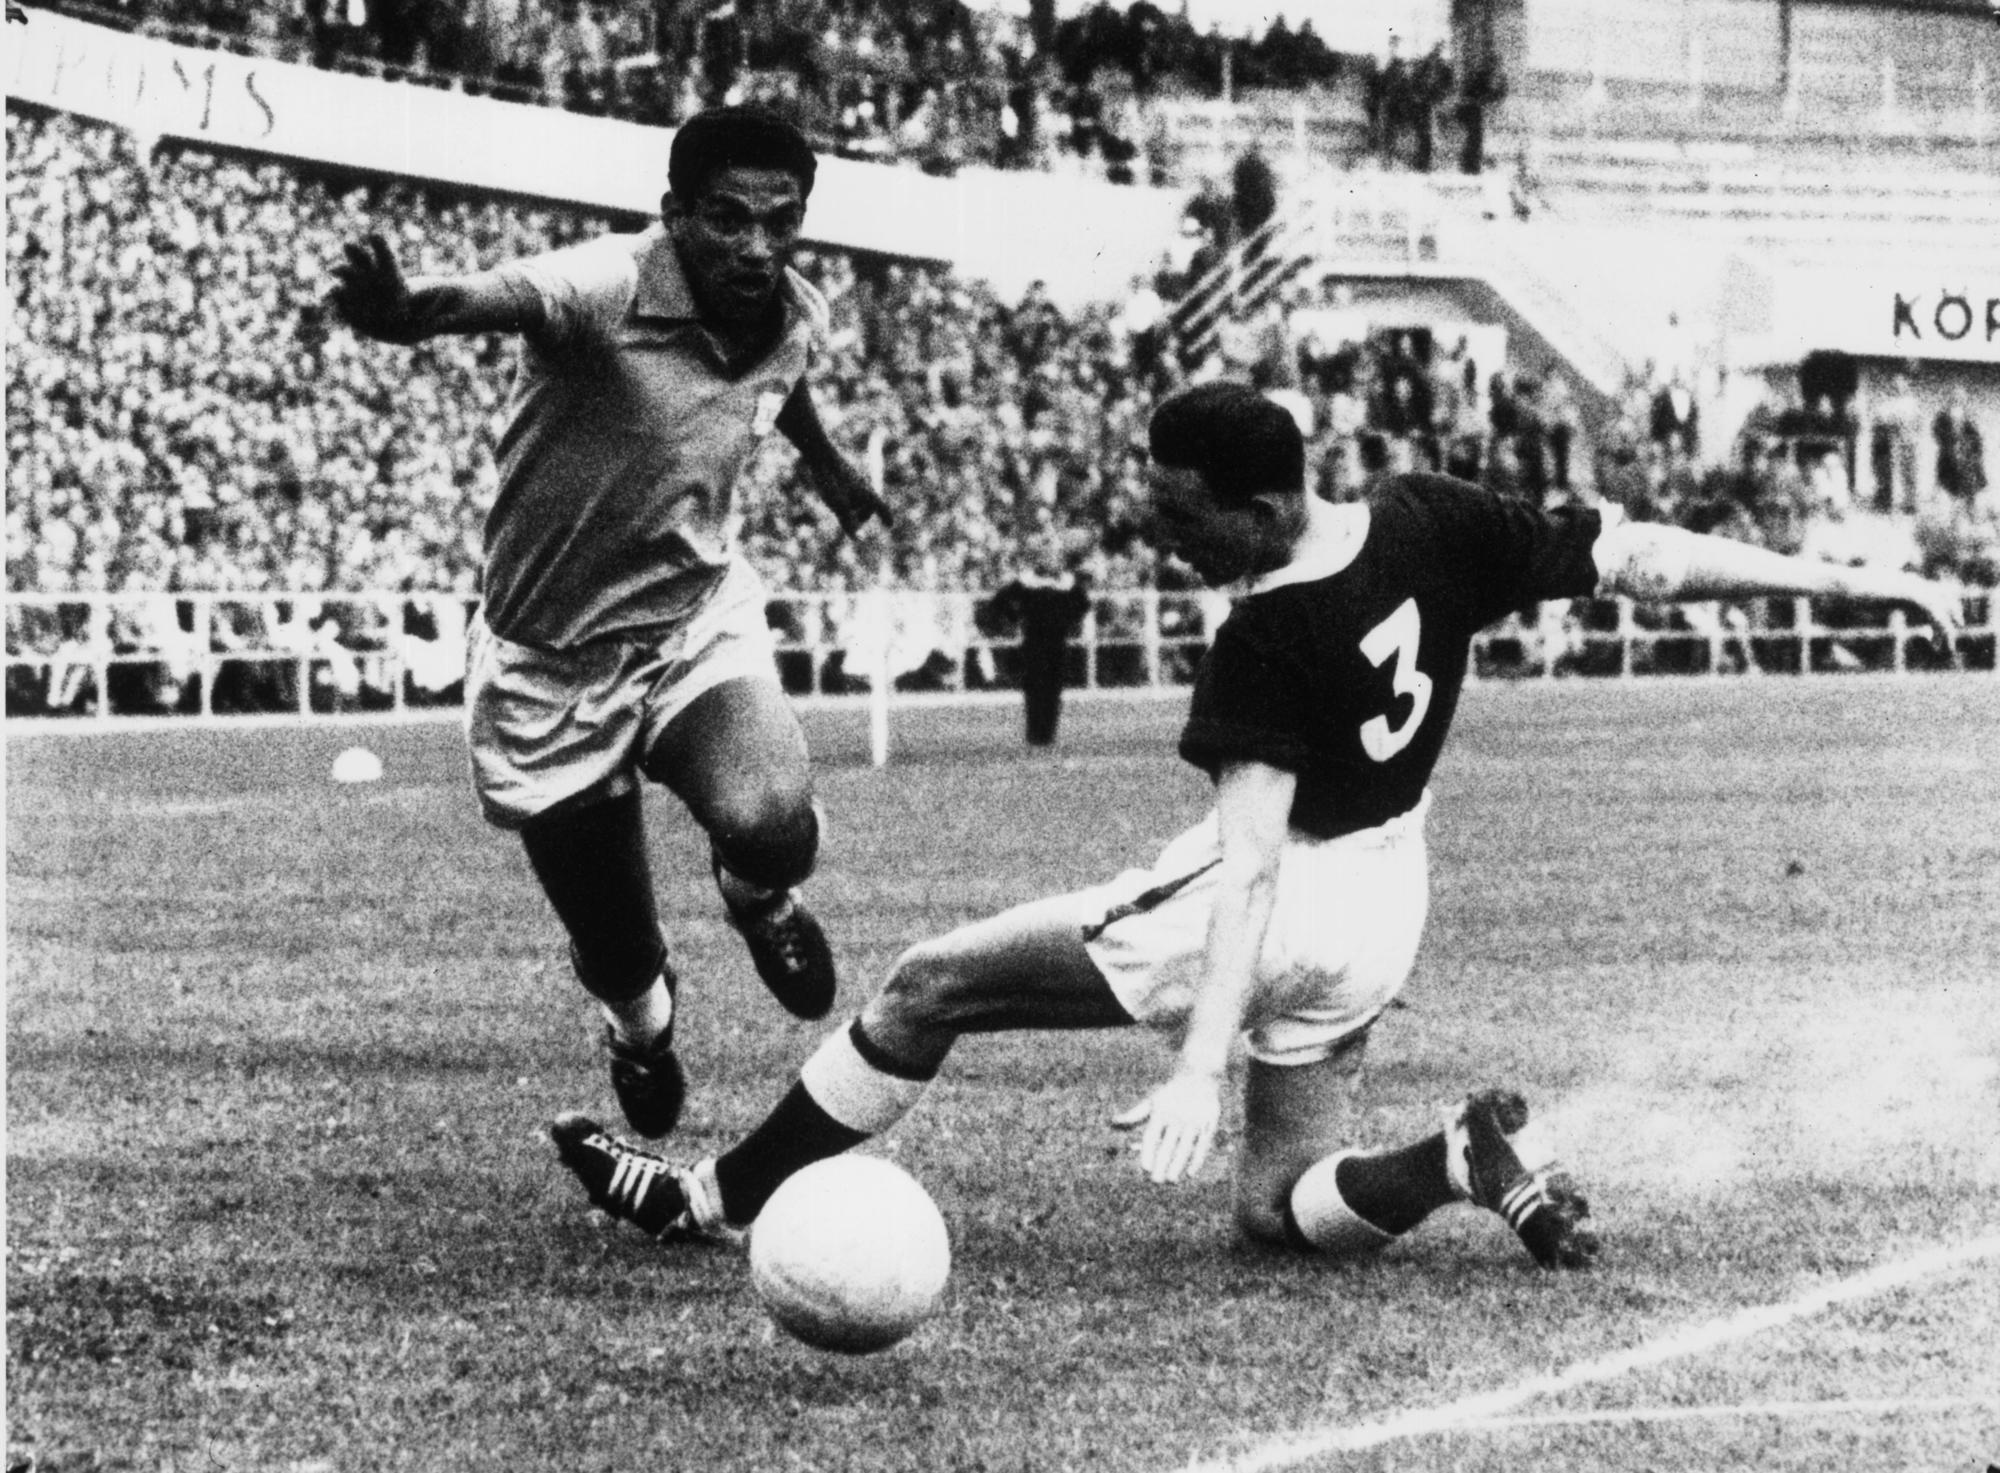 Останки популярного футболиста сборной Бразилии Гарринчи могли быть утеряны